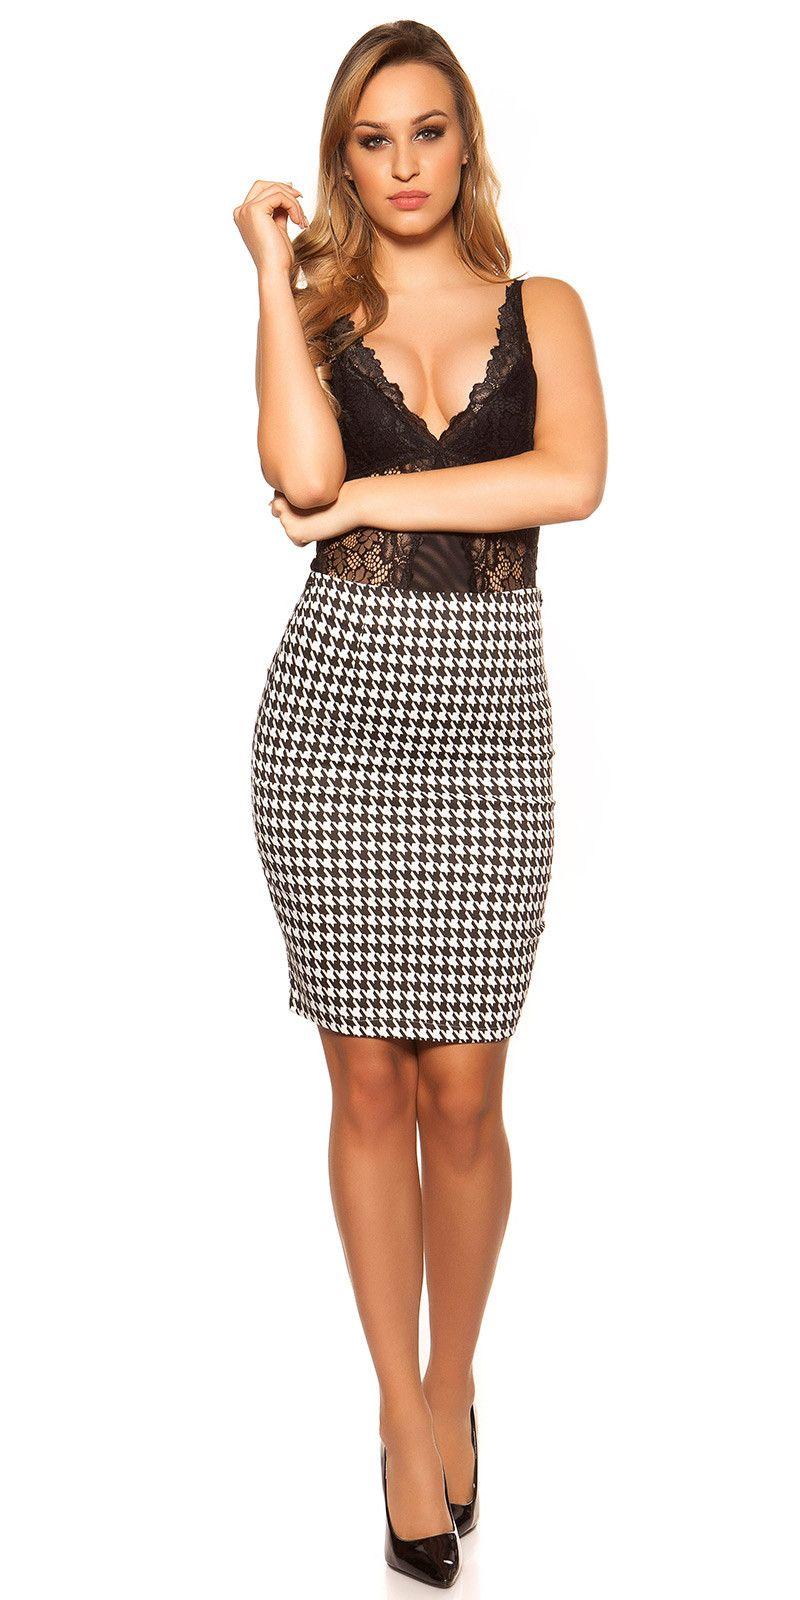 b6f4c59c53 Szoknya levehető derékrésszel 5 mintával (S,M,L,XL) | Szoknya, miniszoknya,  maxi, hosszú szoknya | Skirts, Dresses és Skirt set